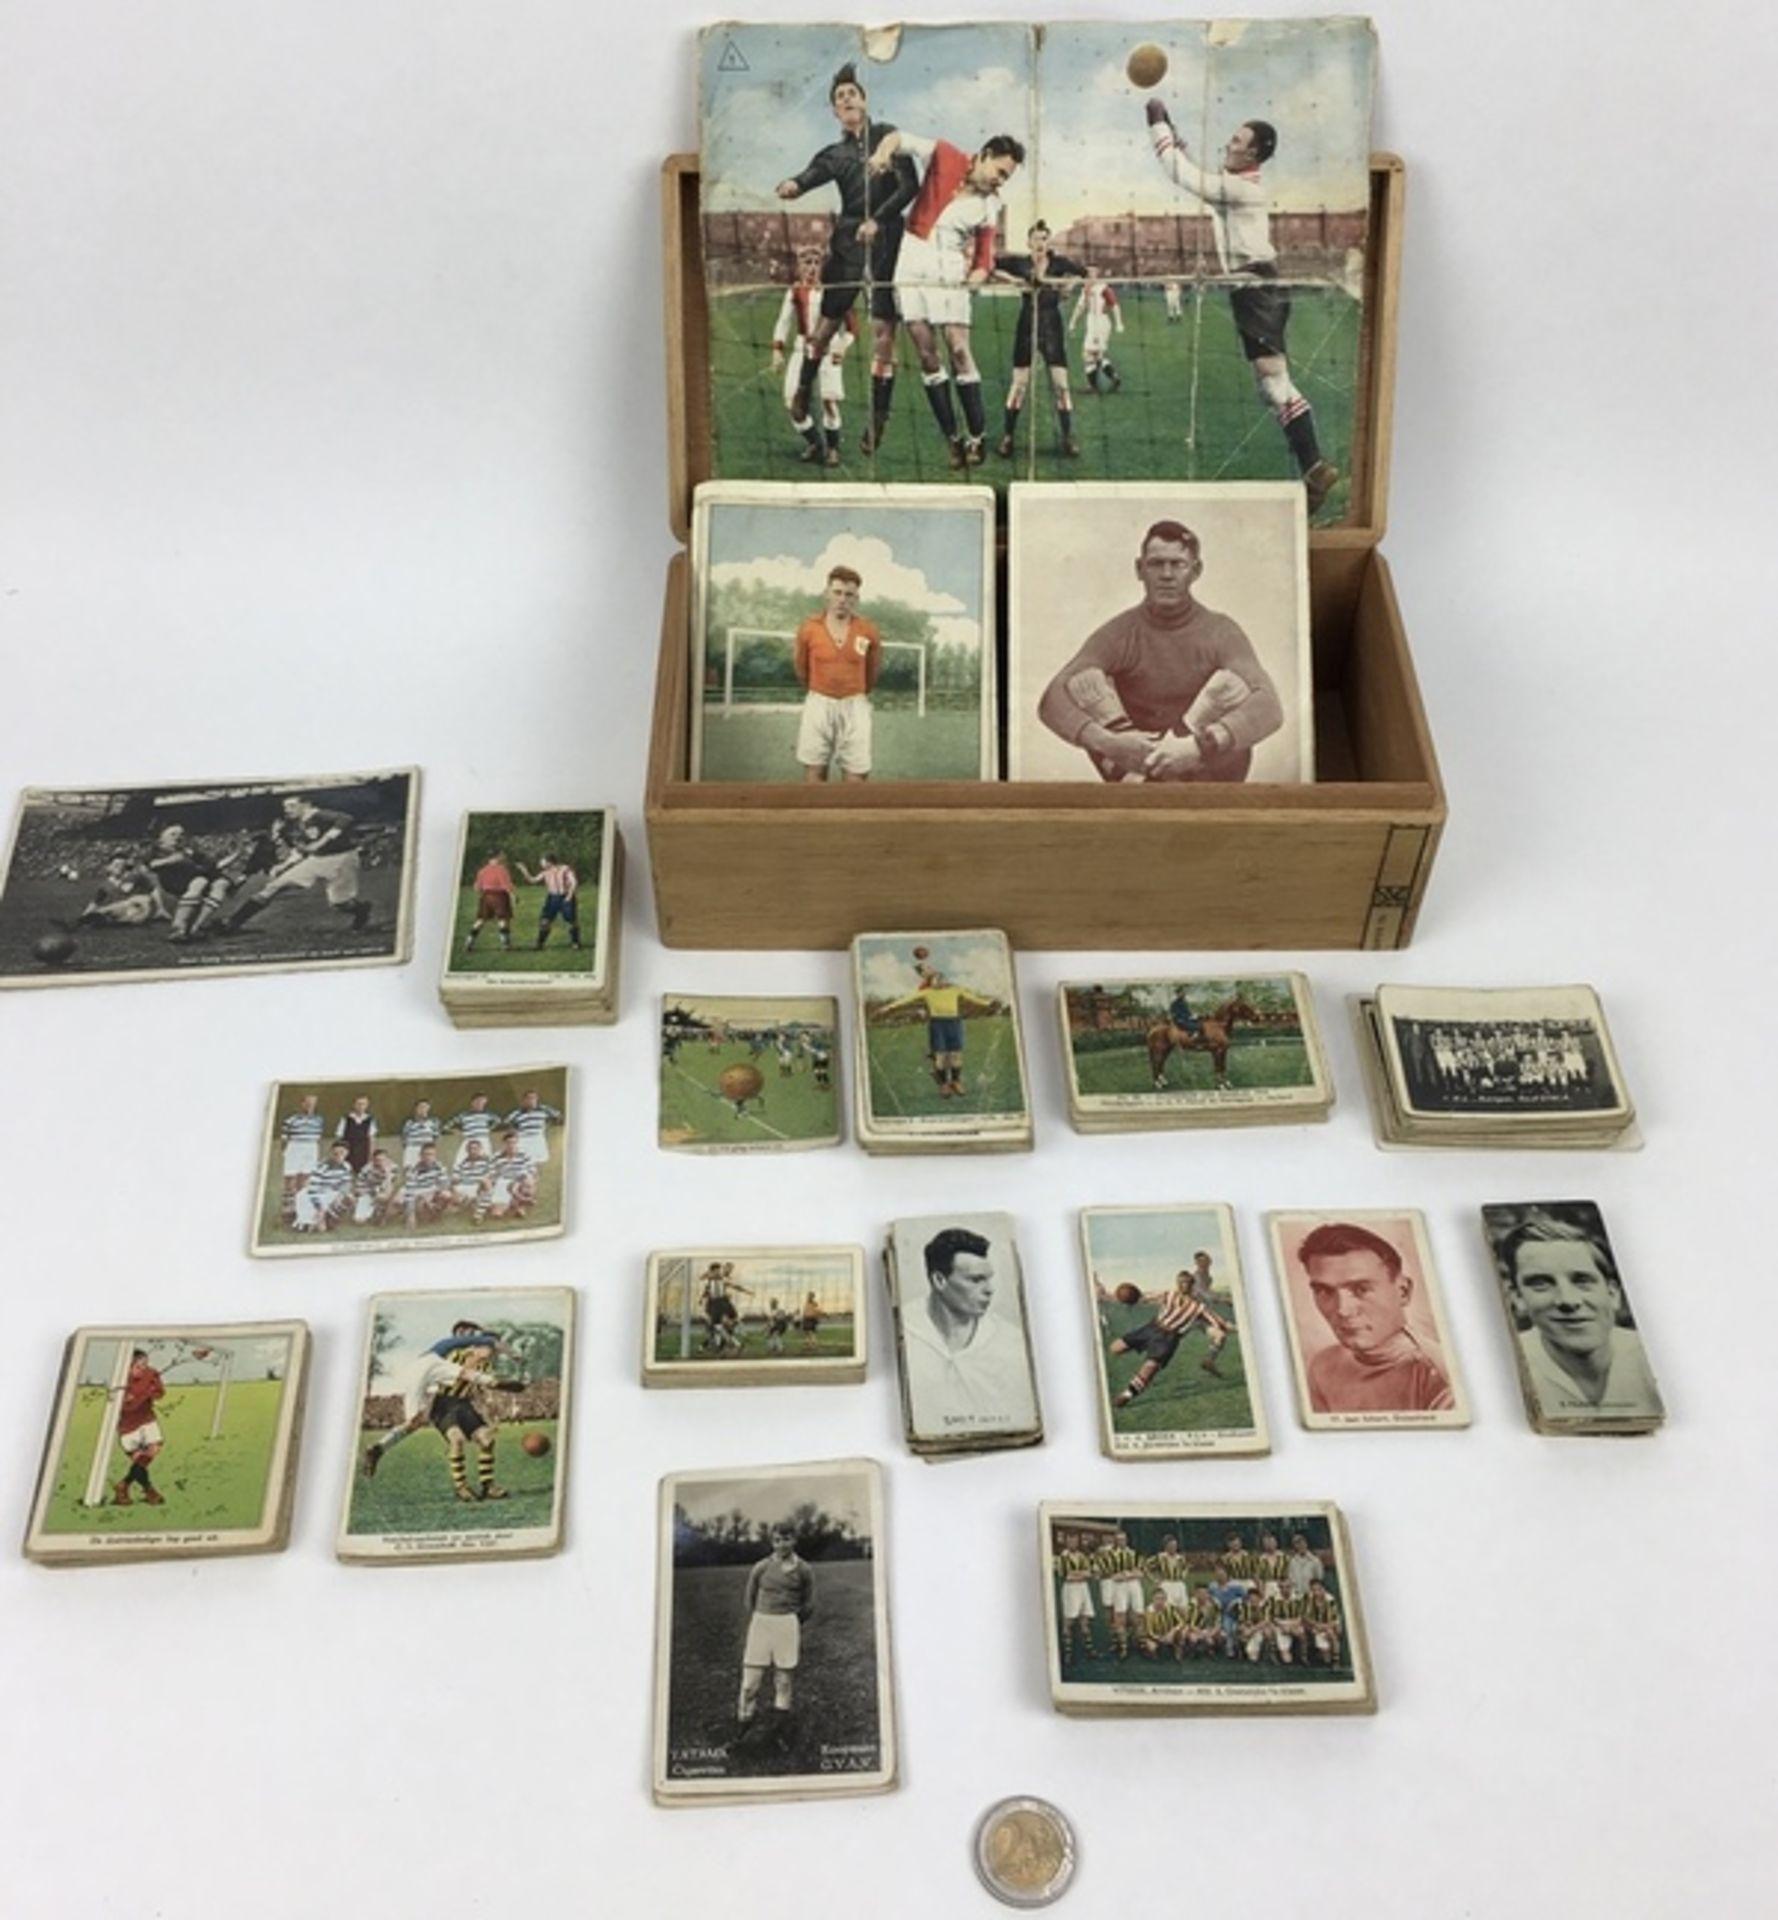 (Curiosa) SportplaatjesDiverse sportplaatjes, voornamelijk voetbal. Conditie: Gebruikssporen. A - Image 8 of 8